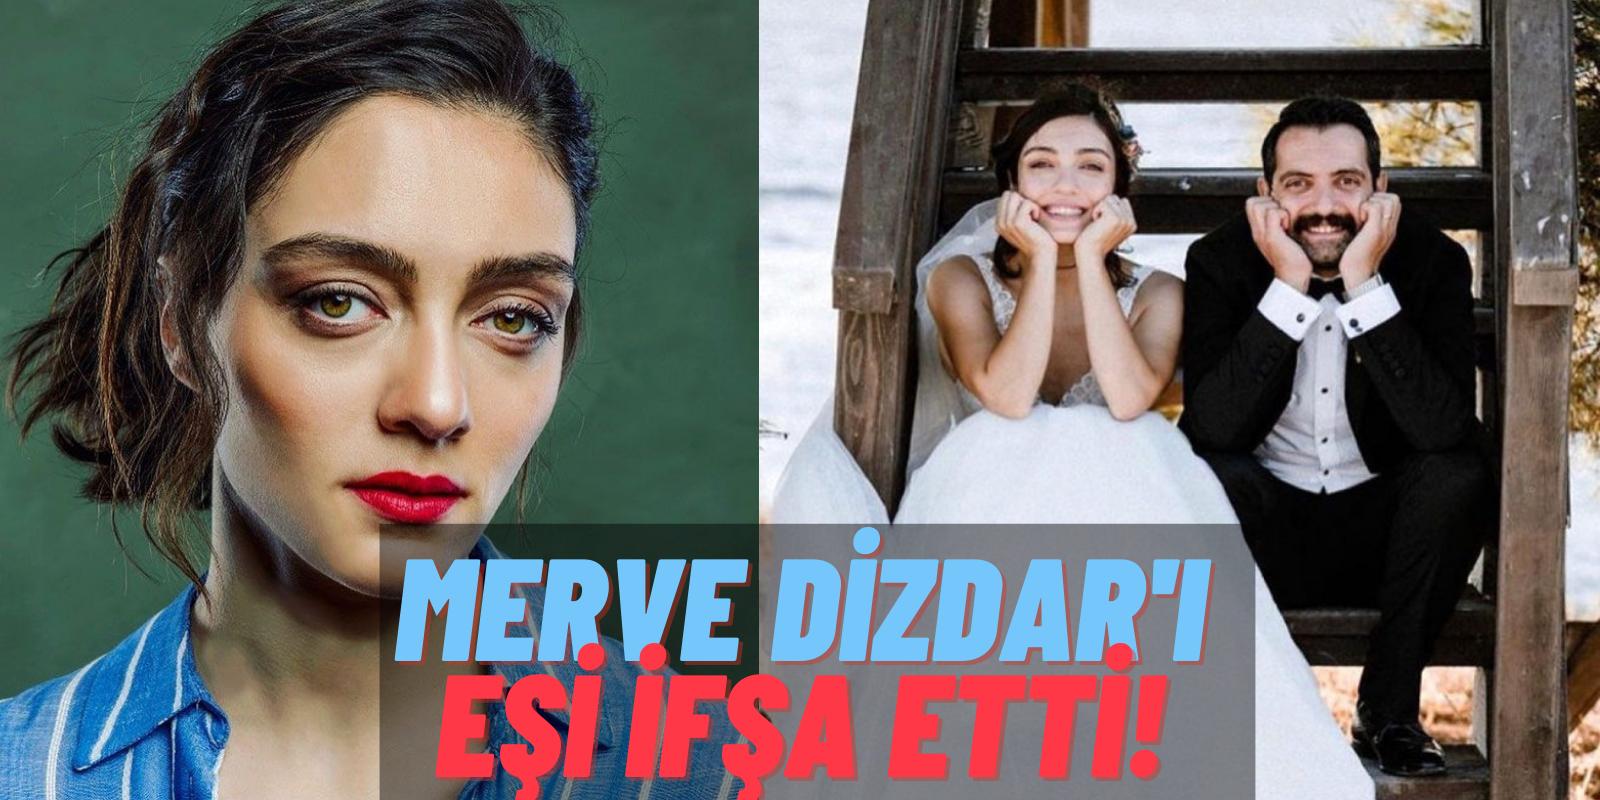 Masumlar Apartmanı'nın Gülben'i Merve Dizdar'ı Eşi Ele Verdi! Gürhan Altundaşar'ın Çektiği Görüntüler Olay Oldu